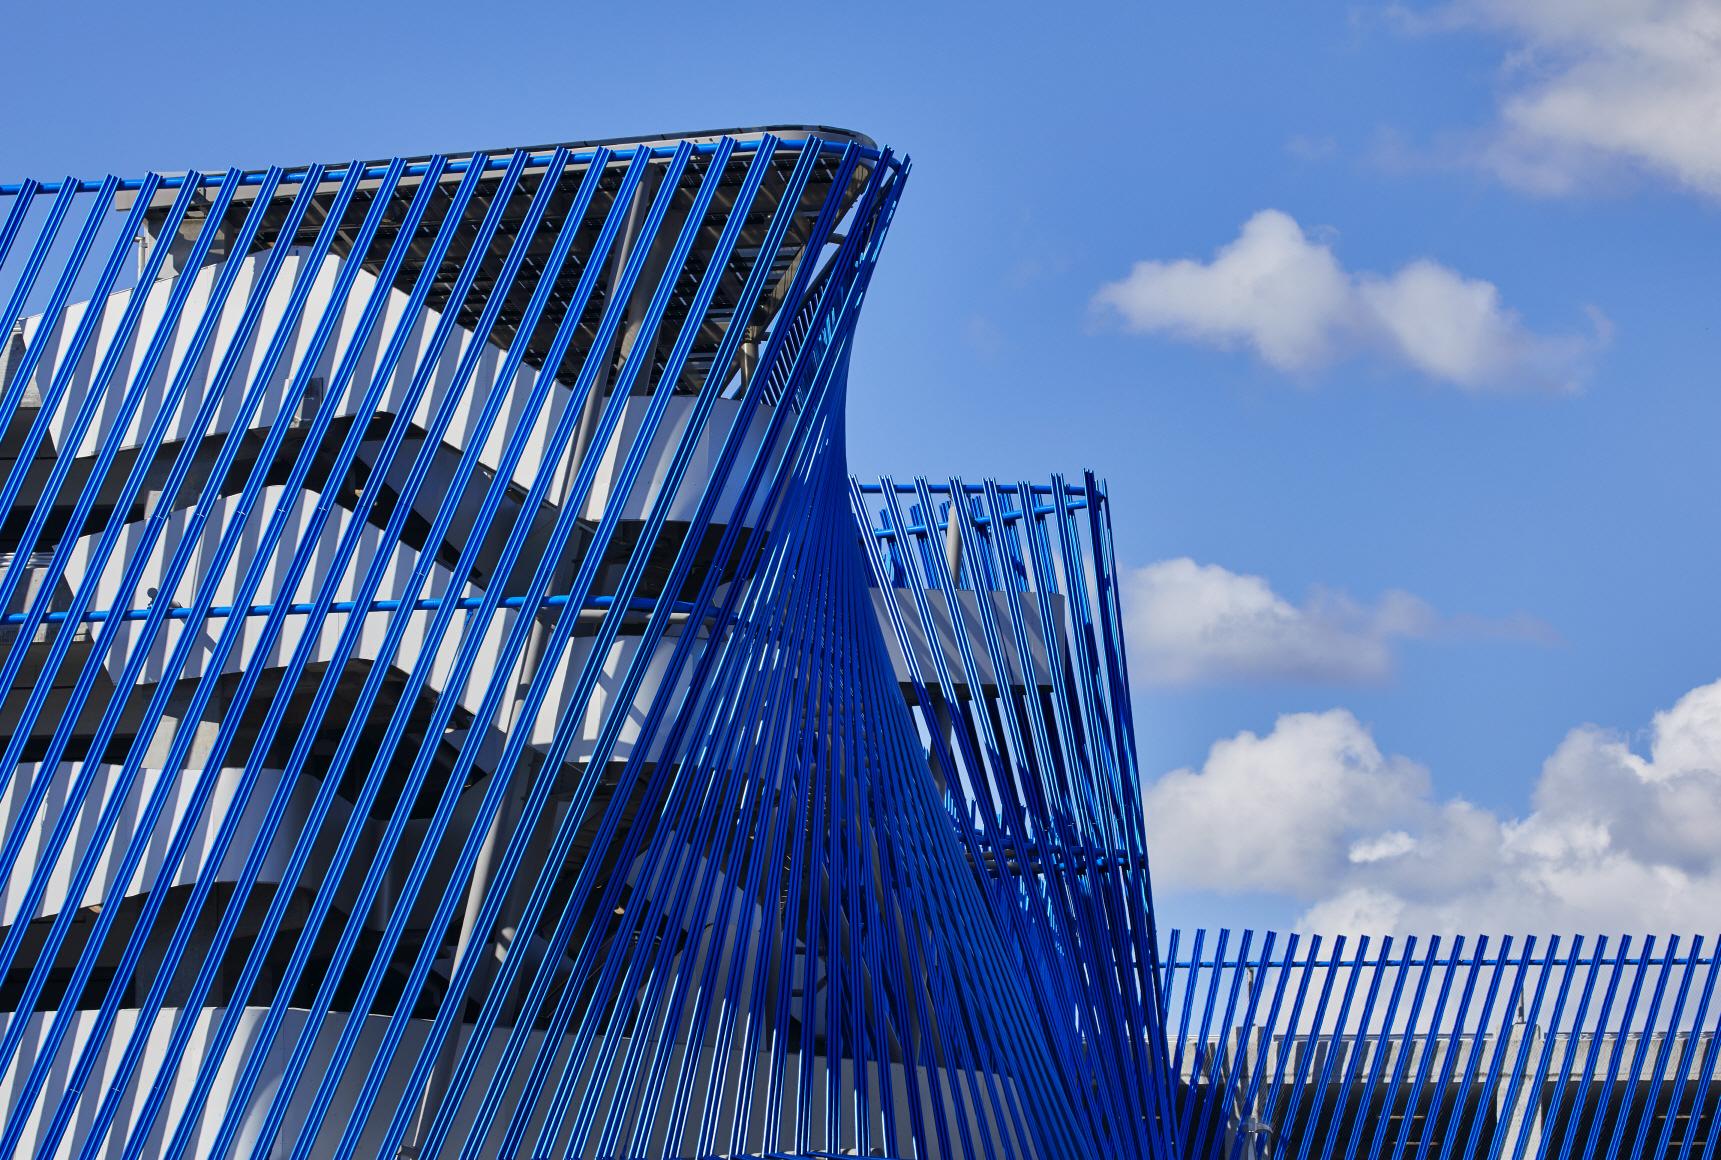 〔안정원의 건축 칼럼〕 안무가의 댄스 기하학에서 공간 라인을 매칭한 유기적인 디자인 4